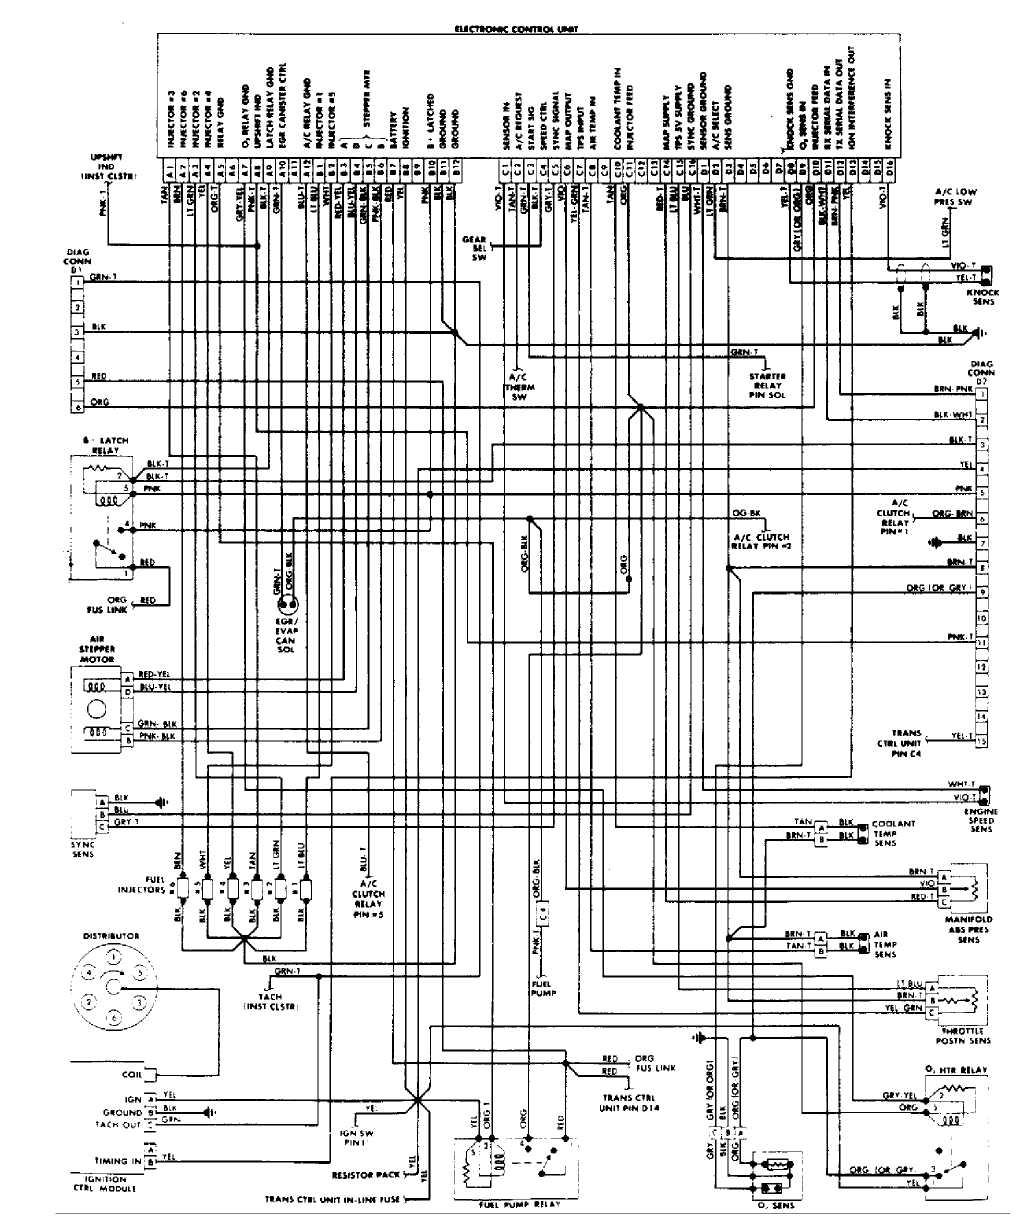 Ecm Pin Diagram Ecu Diagram Manual • Googlea4 com